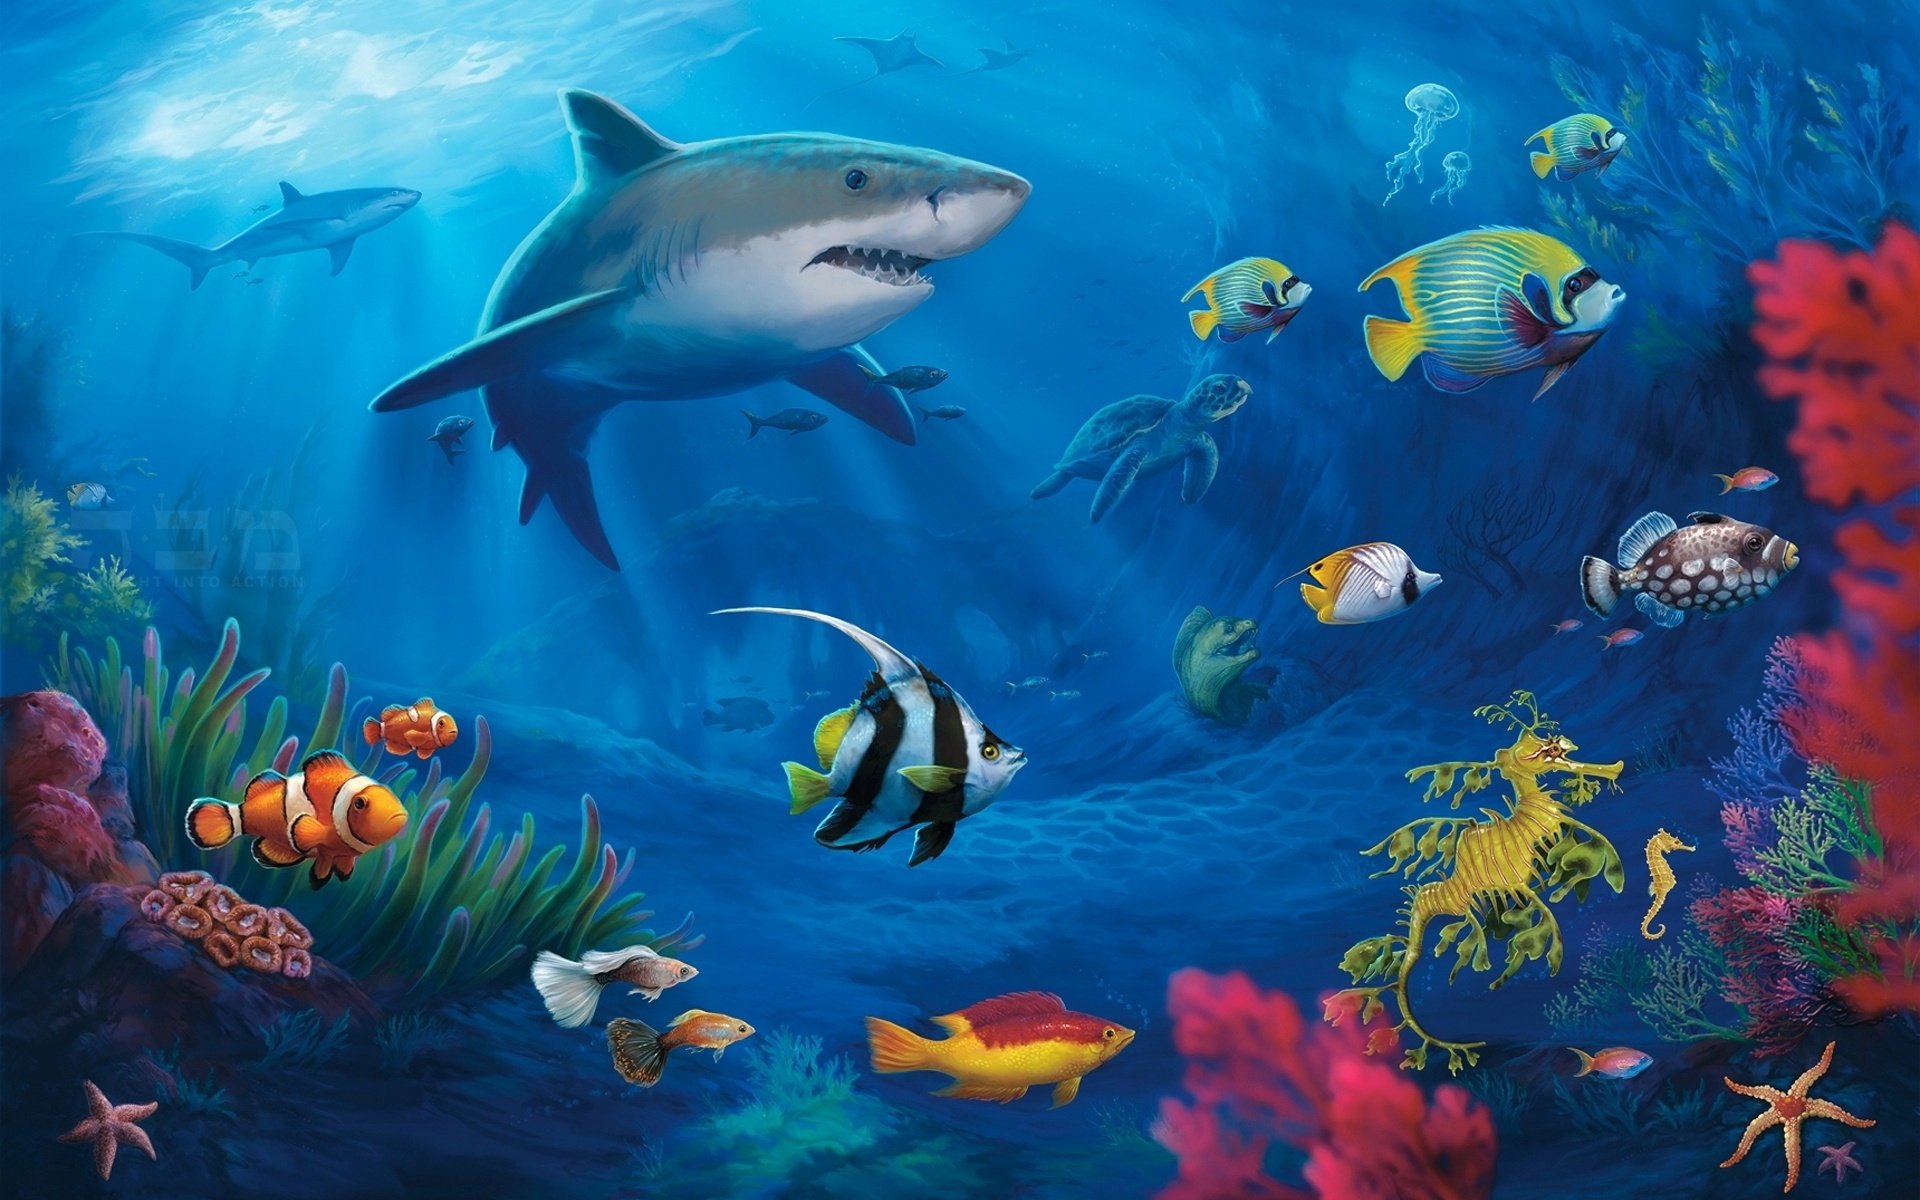 壁紙 水中世界では サメ 1920x1200 Hd 無料のデスクトップの背景 画像